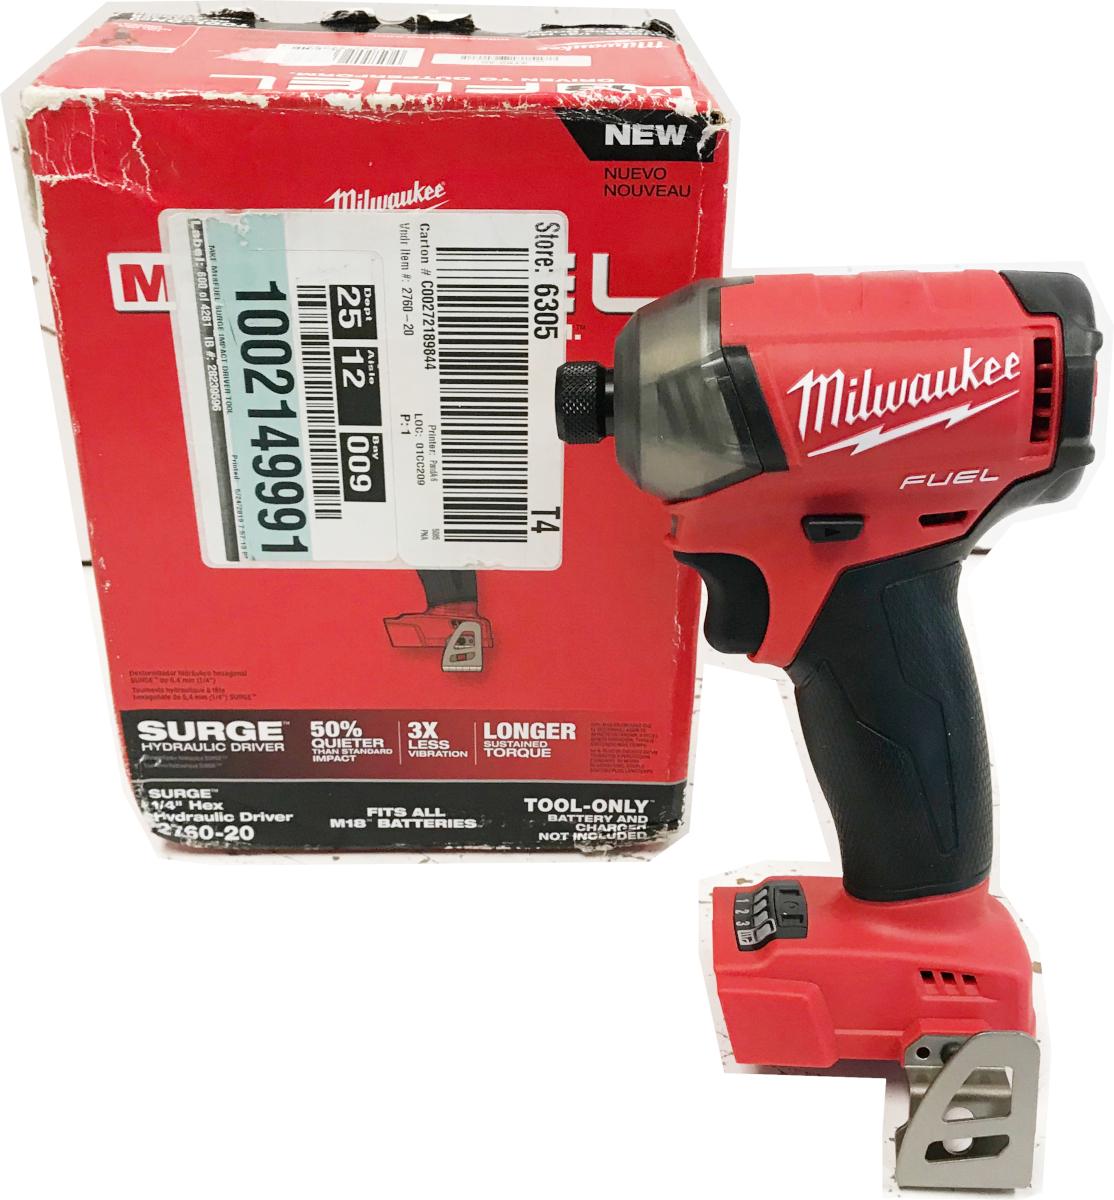 Milwaukee Power Equipment 2760-20